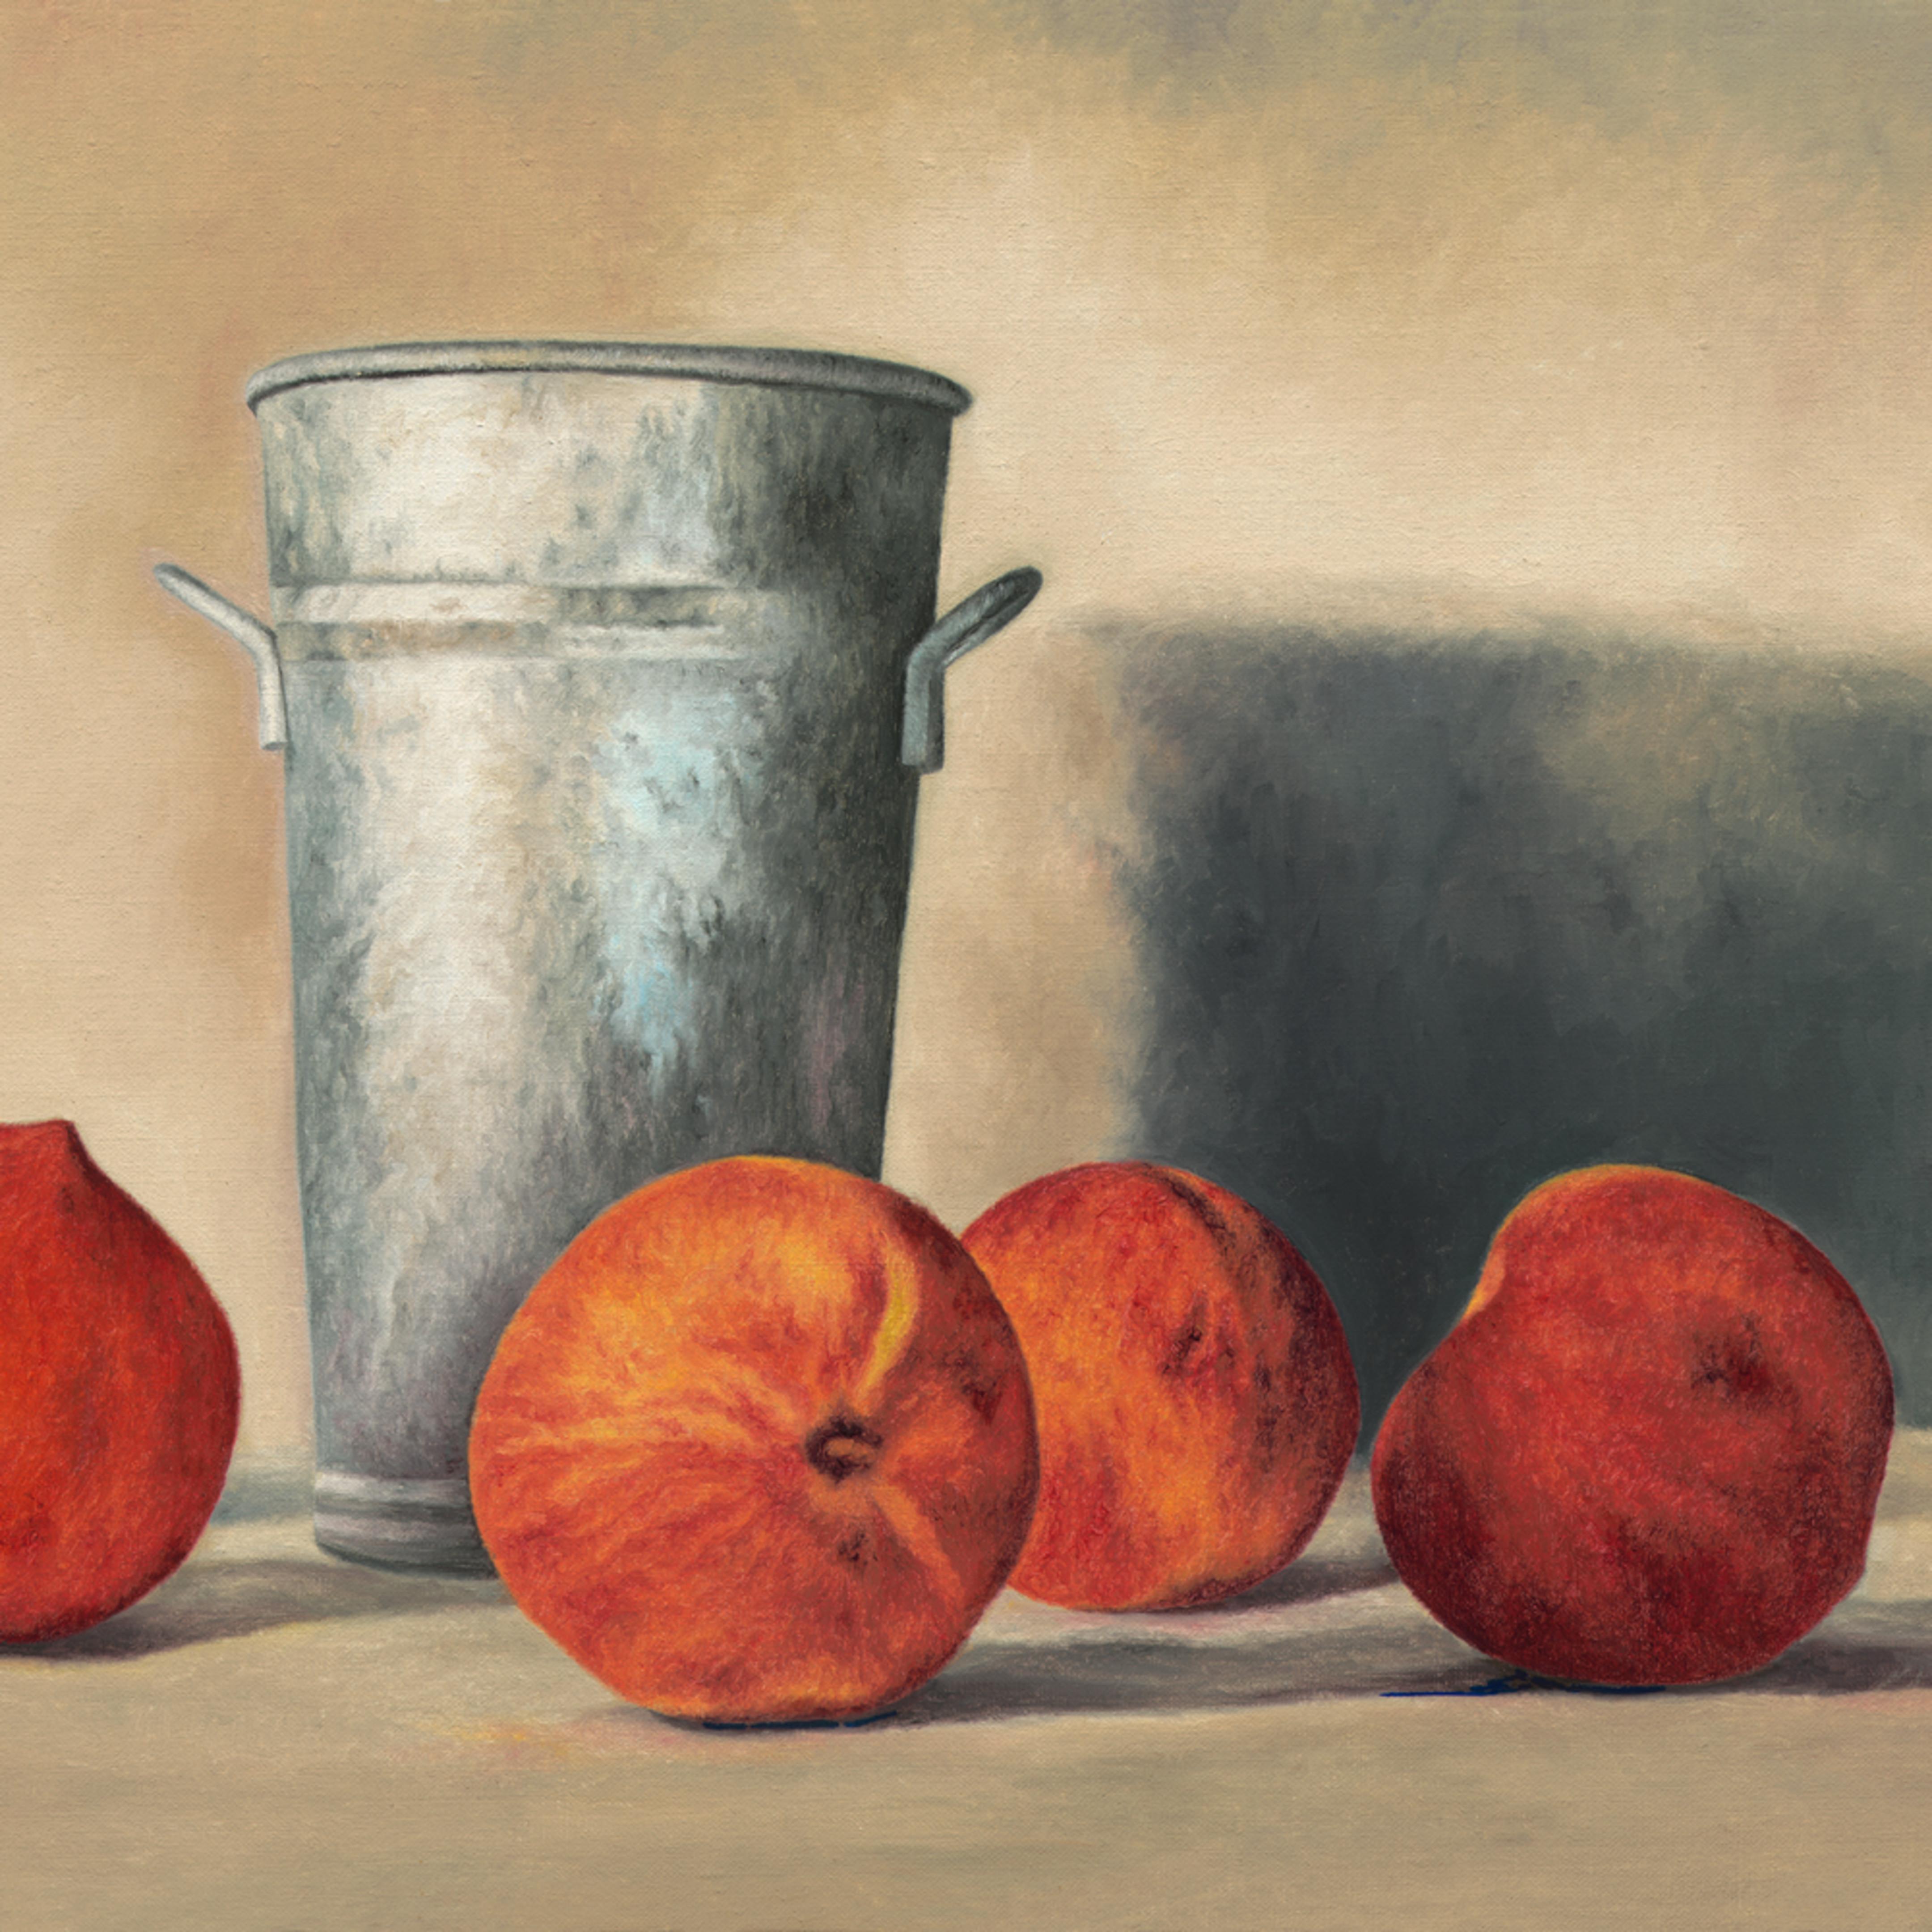 P005 peaches 4p018 oye2ko